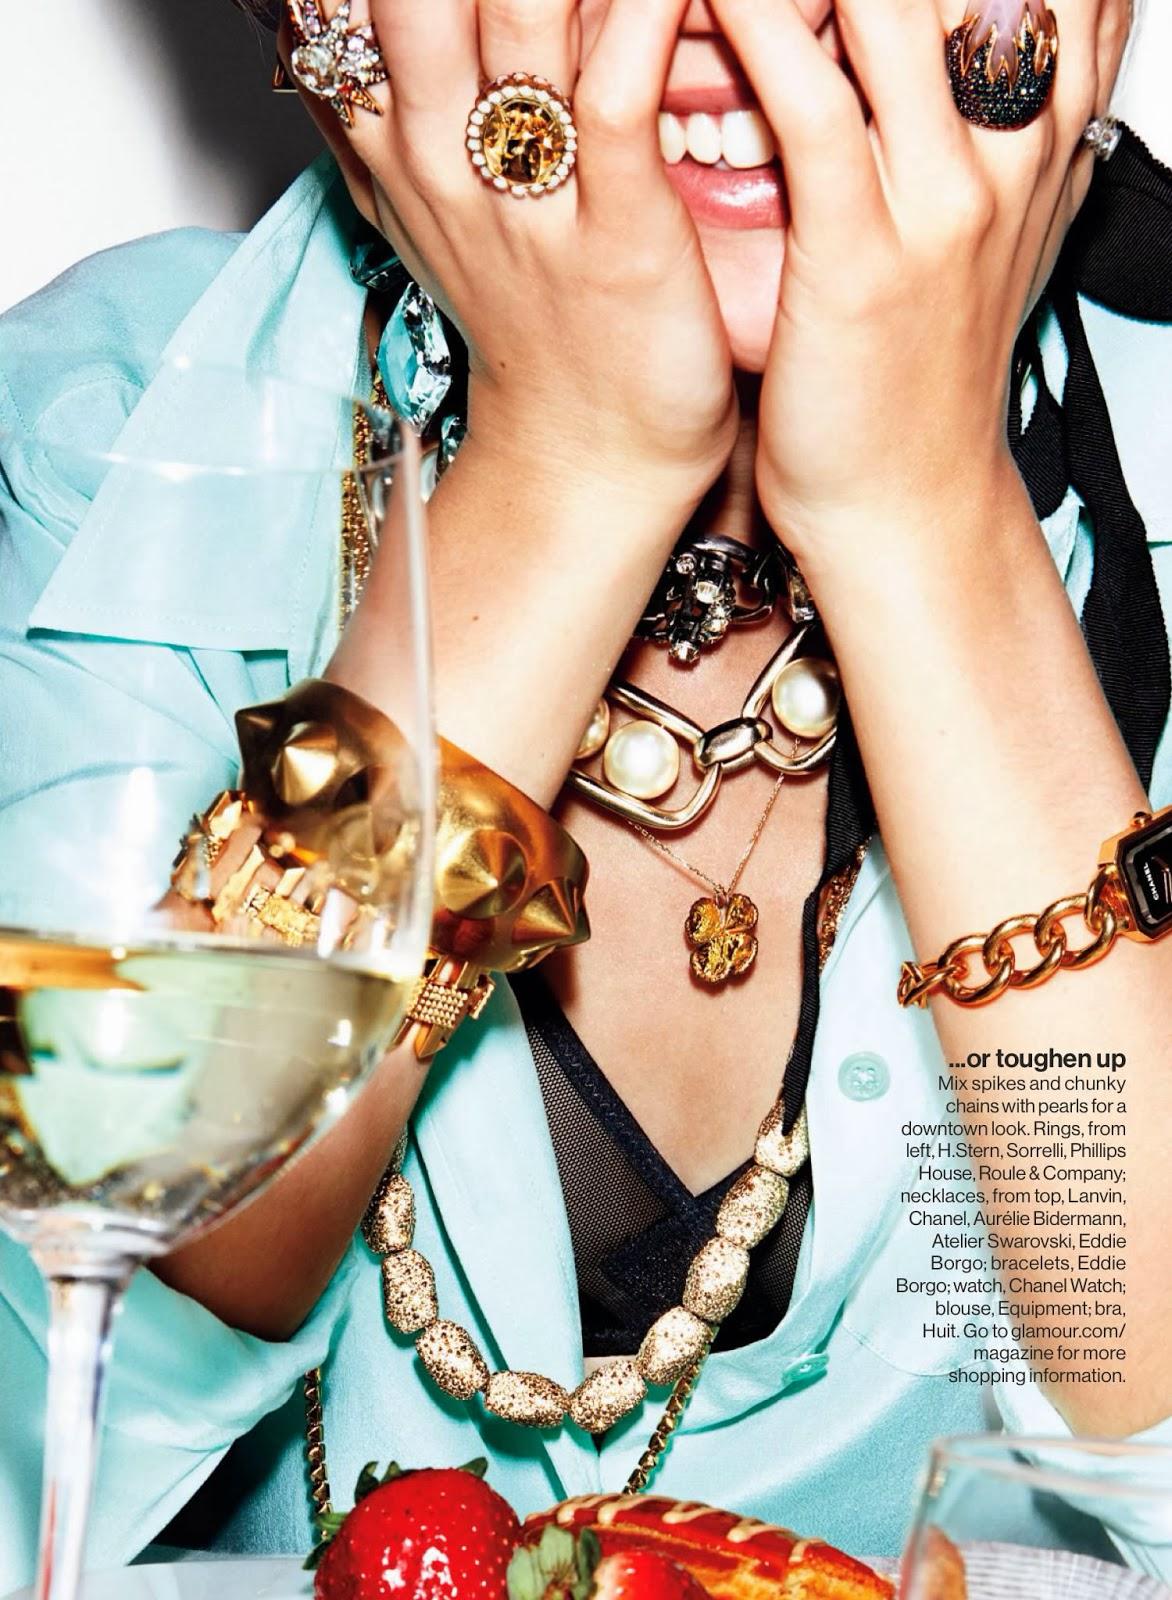 Magazine Photoshoot : Emily van Raay Photoshot For Jennifer Livingston Glamour Magazine US February 2014 Issue